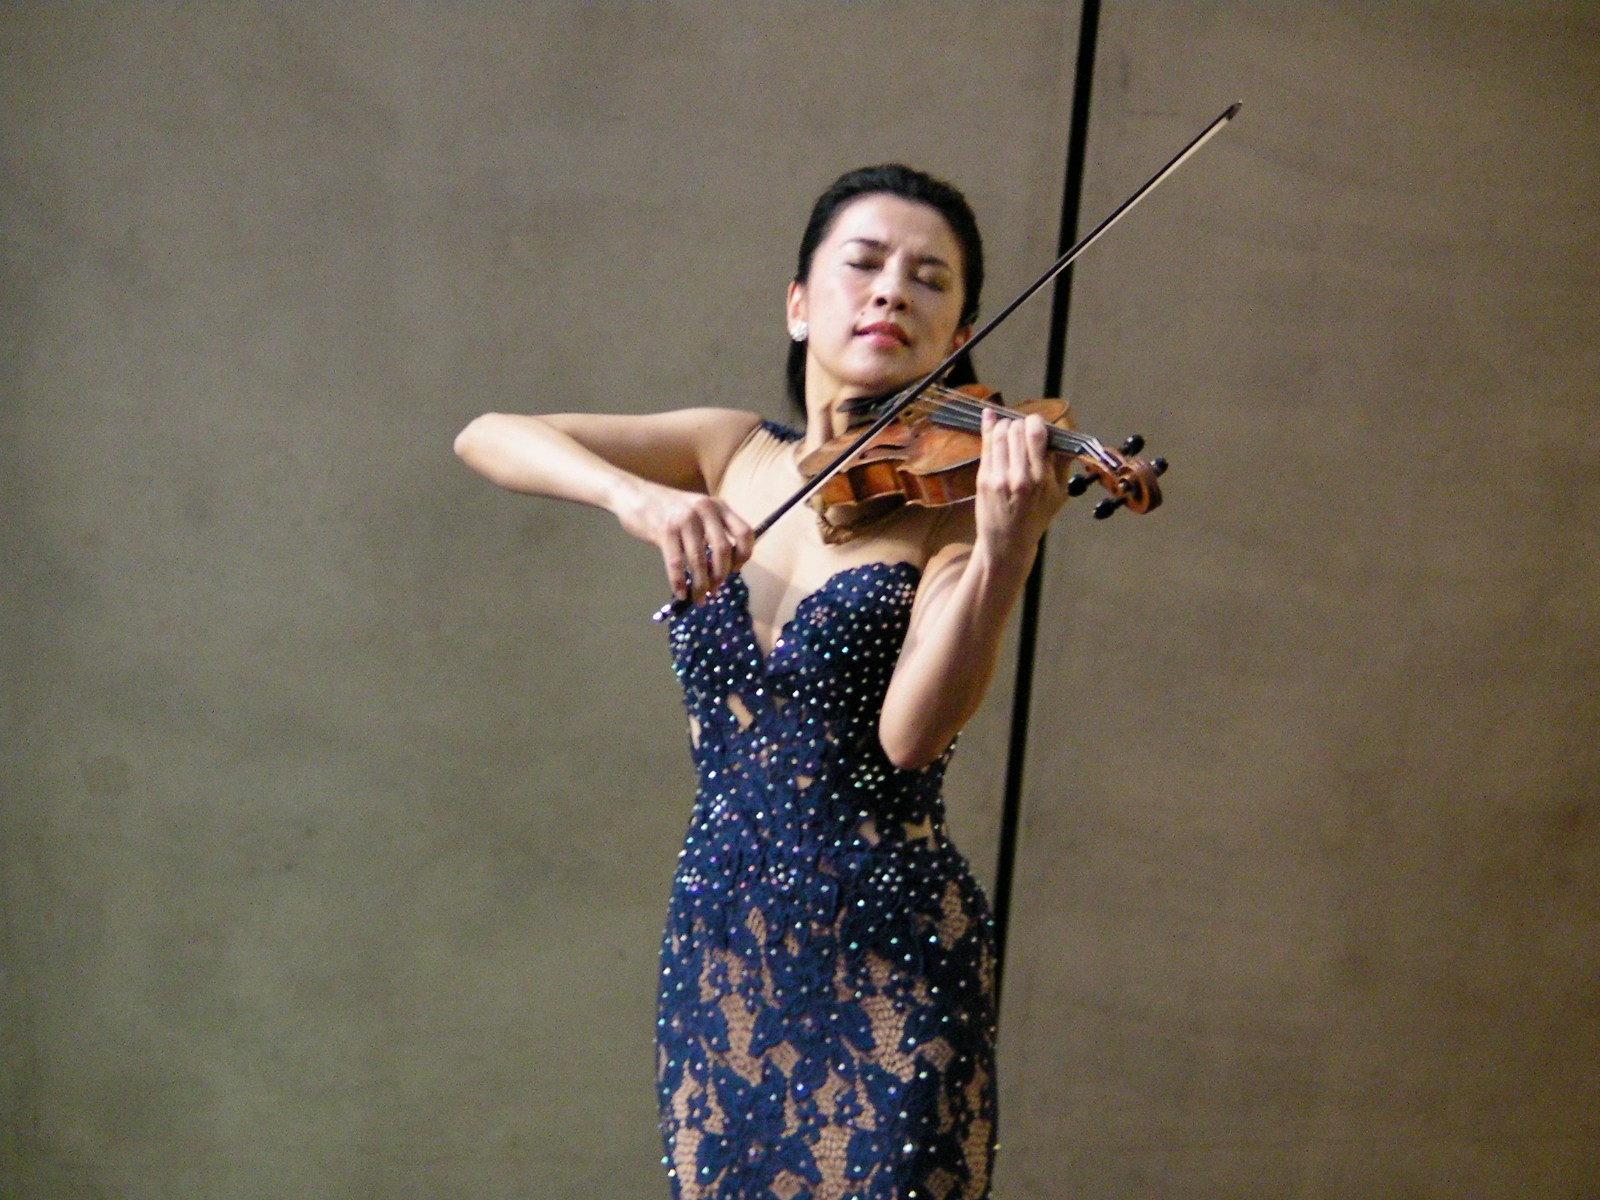 内覧会の同日に行われた開会式で、テーマ曲を演奏するヴァイオリニストの川井郁子。 美しくも儚い旋律のテーマ曲は音声ガイドでも聴くことができる。